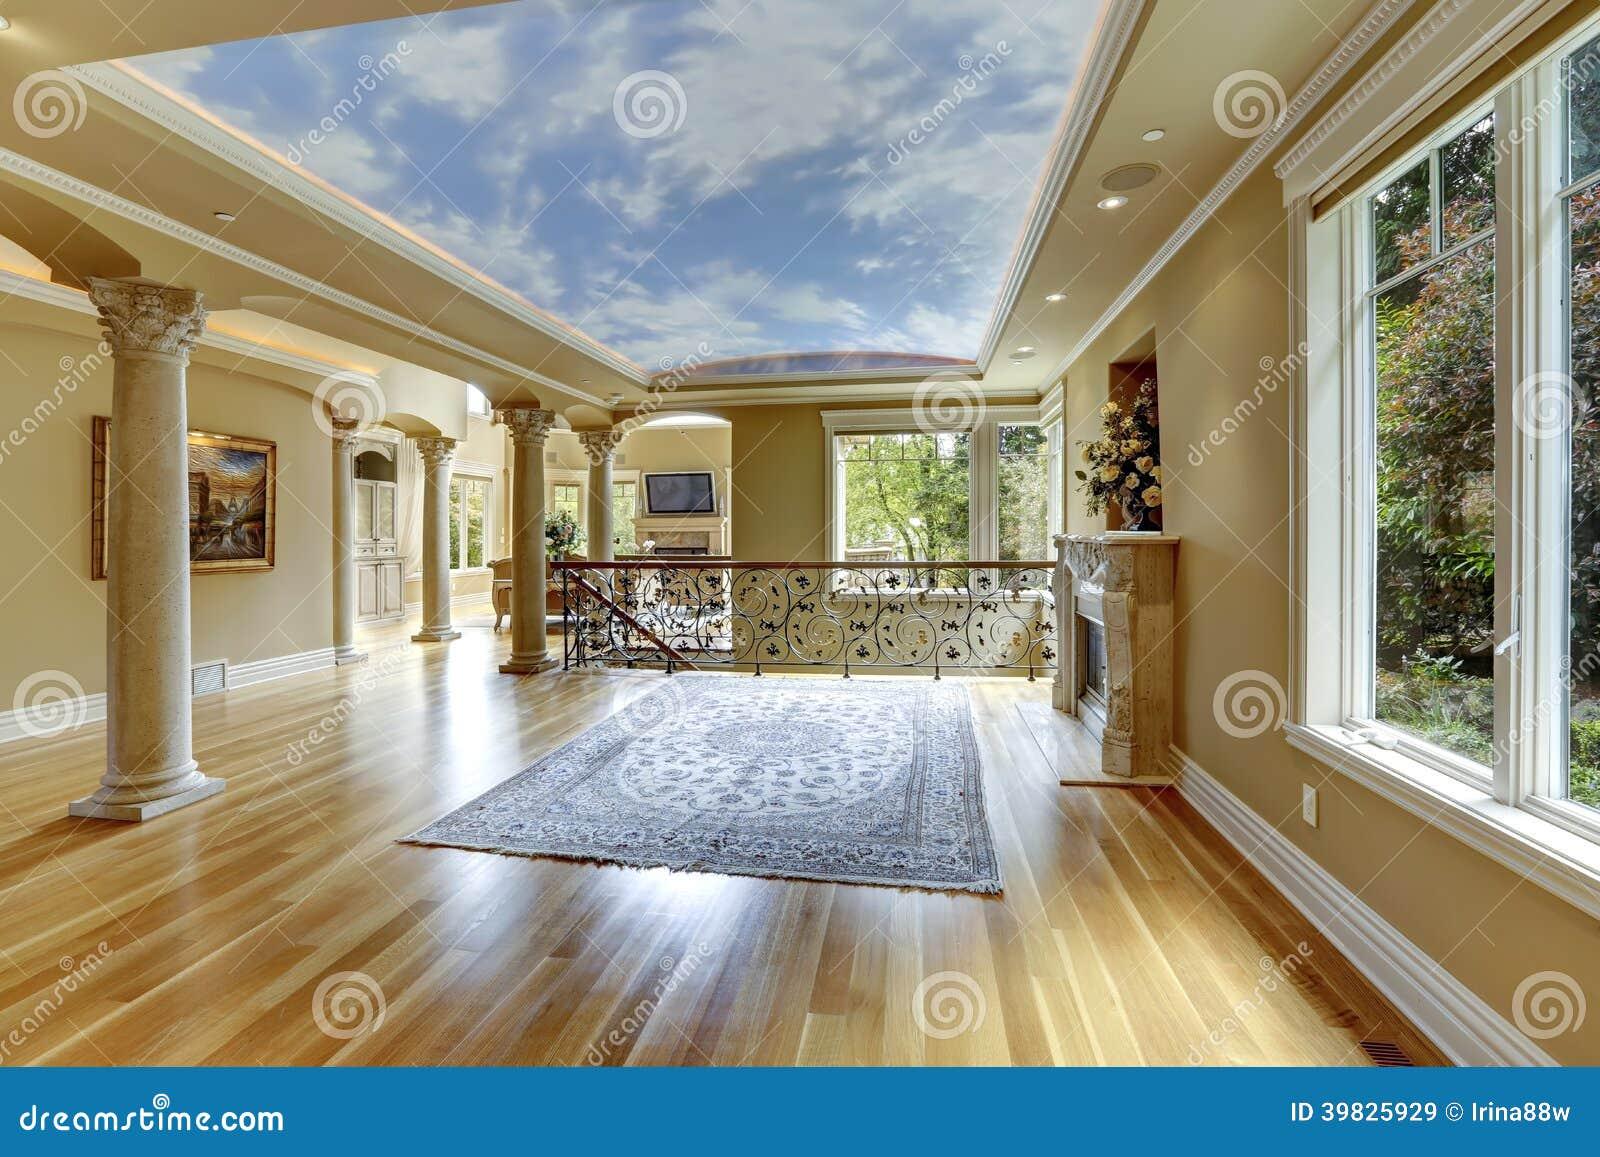 luxury house interior empty living room stock photo